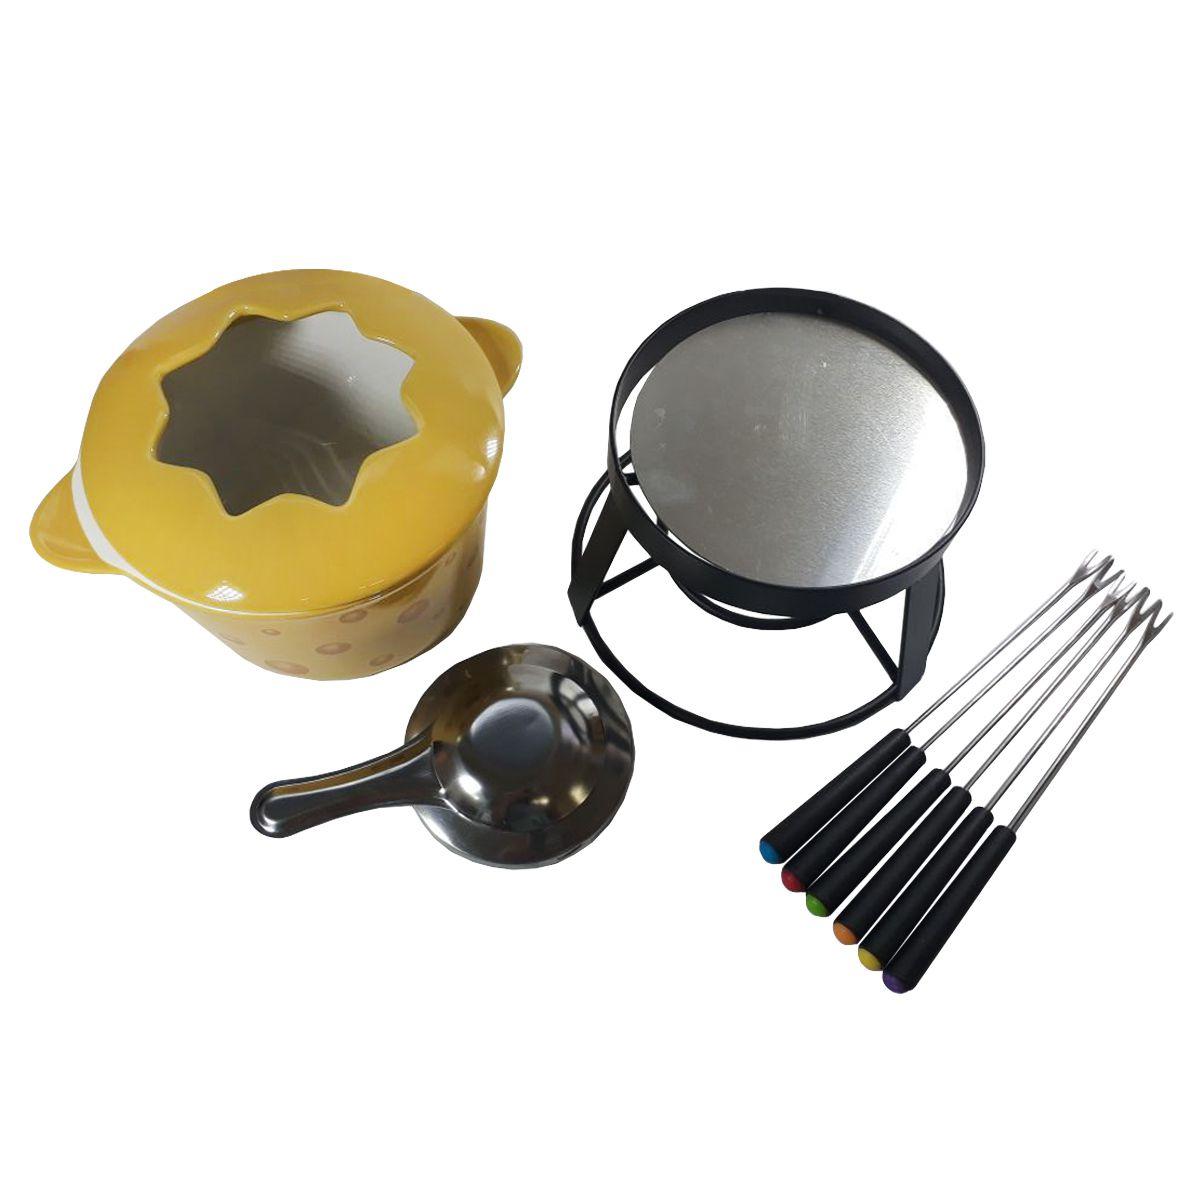 Aparelho para Fondue 10 peças de cerâmica com base de metal Cheese Bon Gourmet - 26376